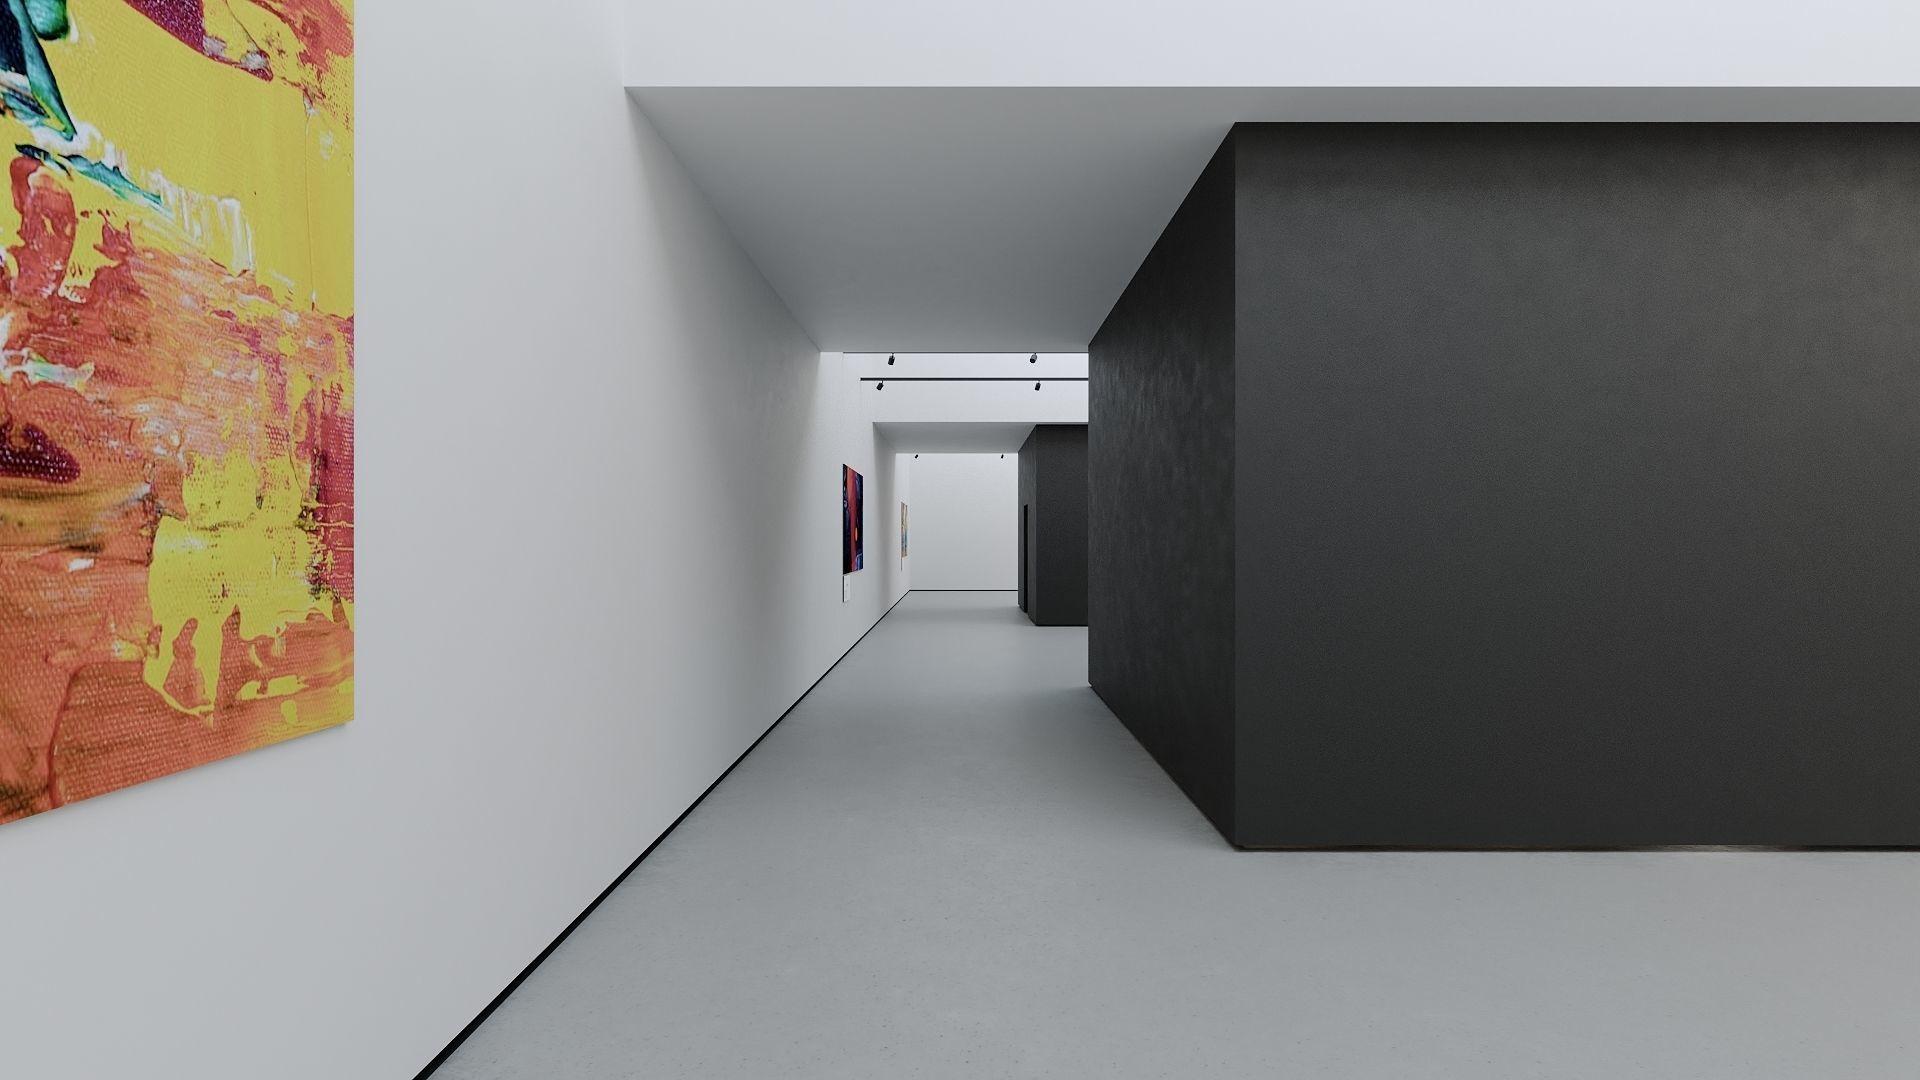 VR Art Gallery 2020 4K Corona Max Scene